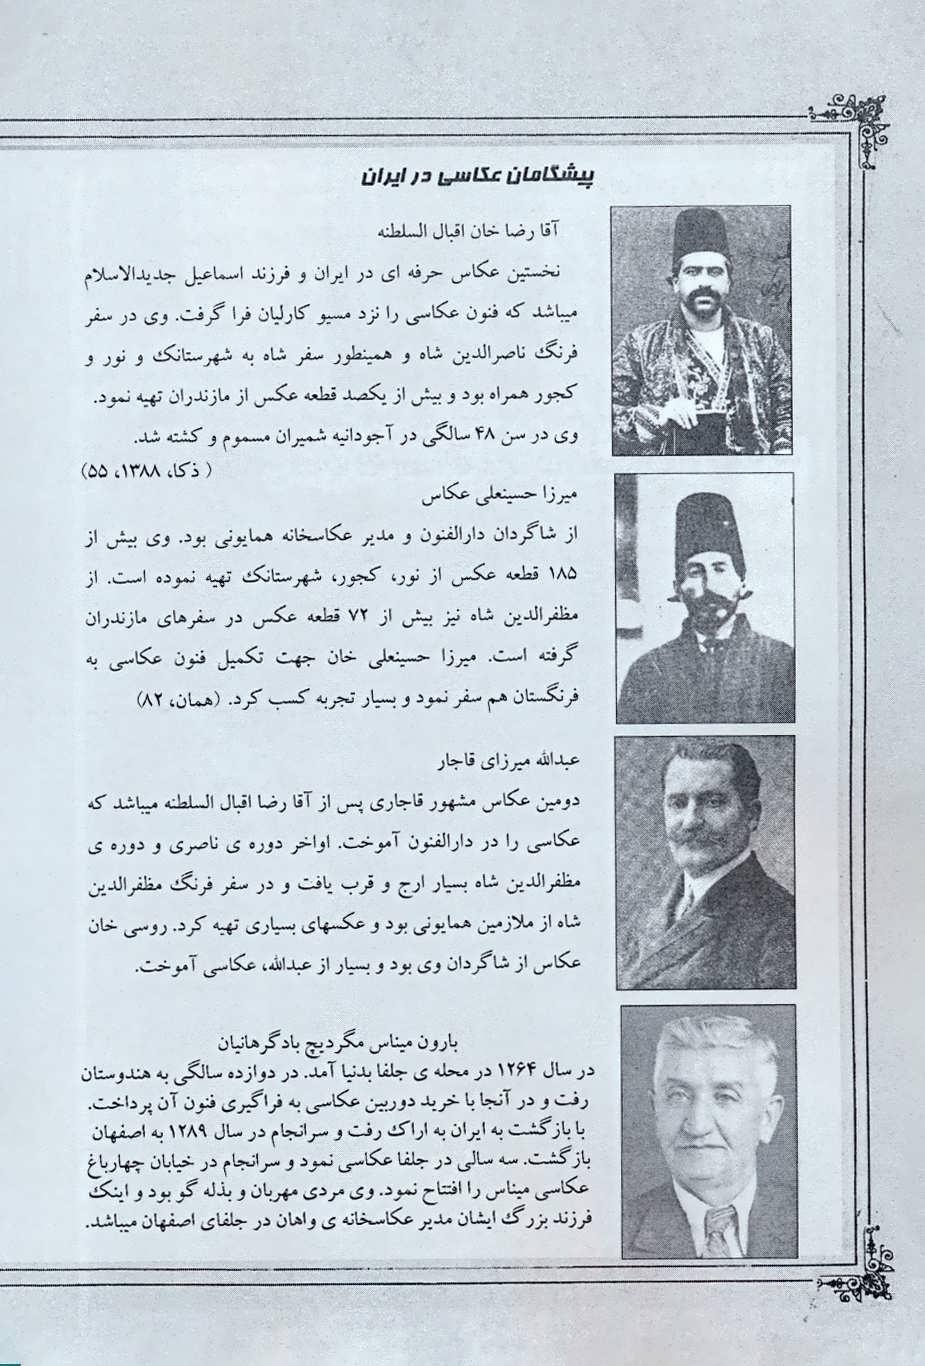 عکس های تاریخی ایران14 (کوچه بازار قدیم:بروایت تصویر)،(2زبانه)